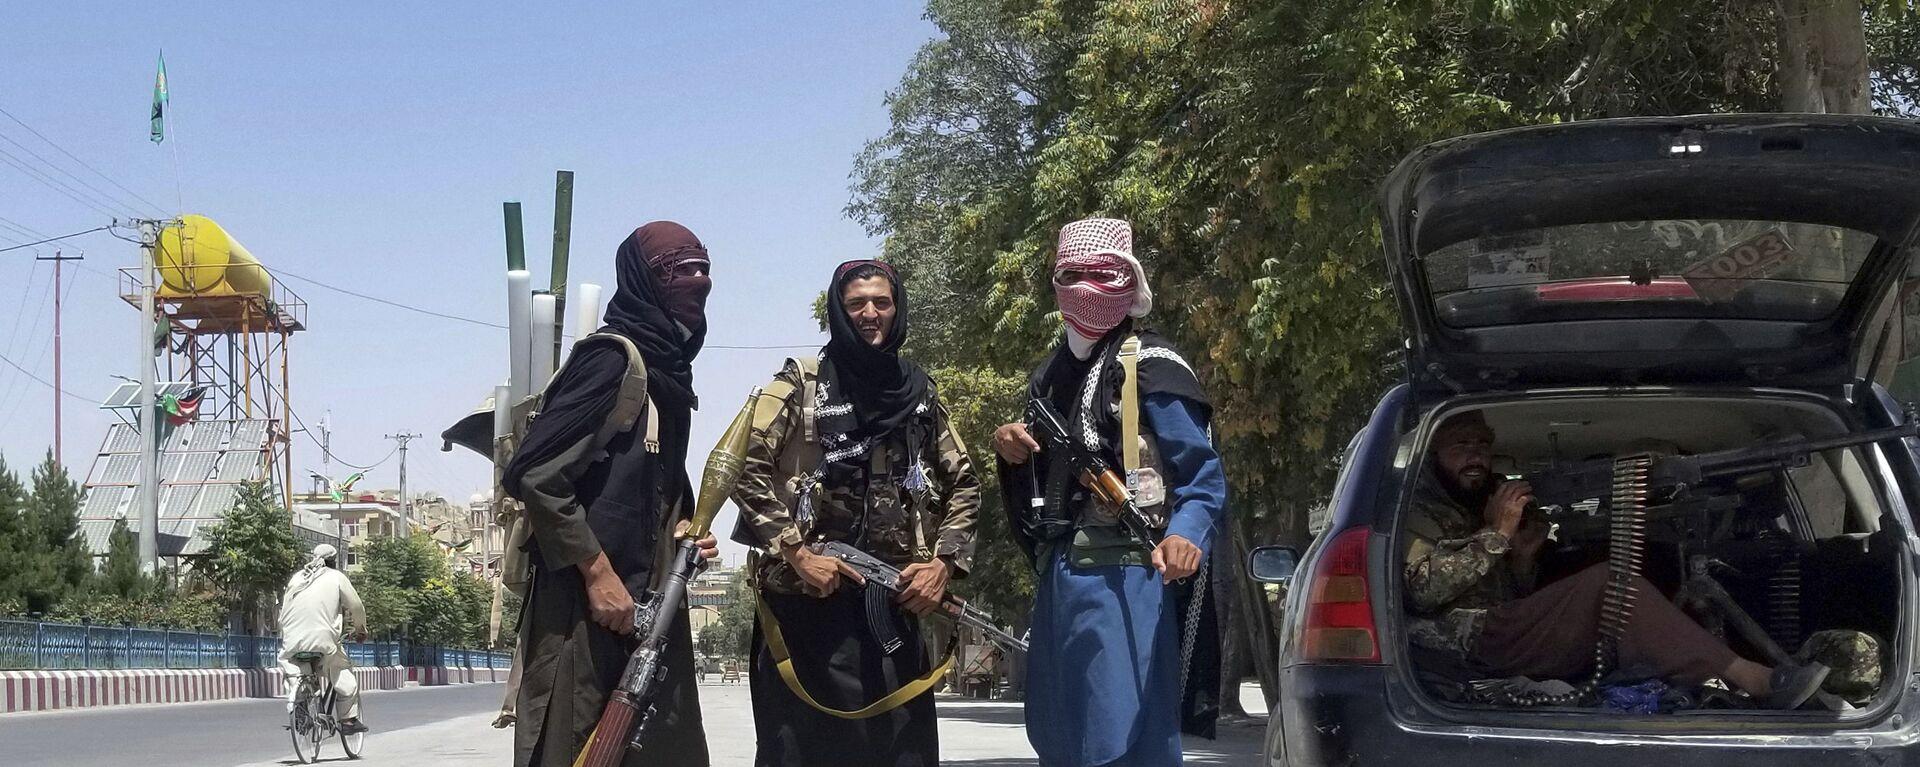 Милитанти Талибана граду Газни, Авганистан - Sputnik Србија, 1920, 15.08.2021